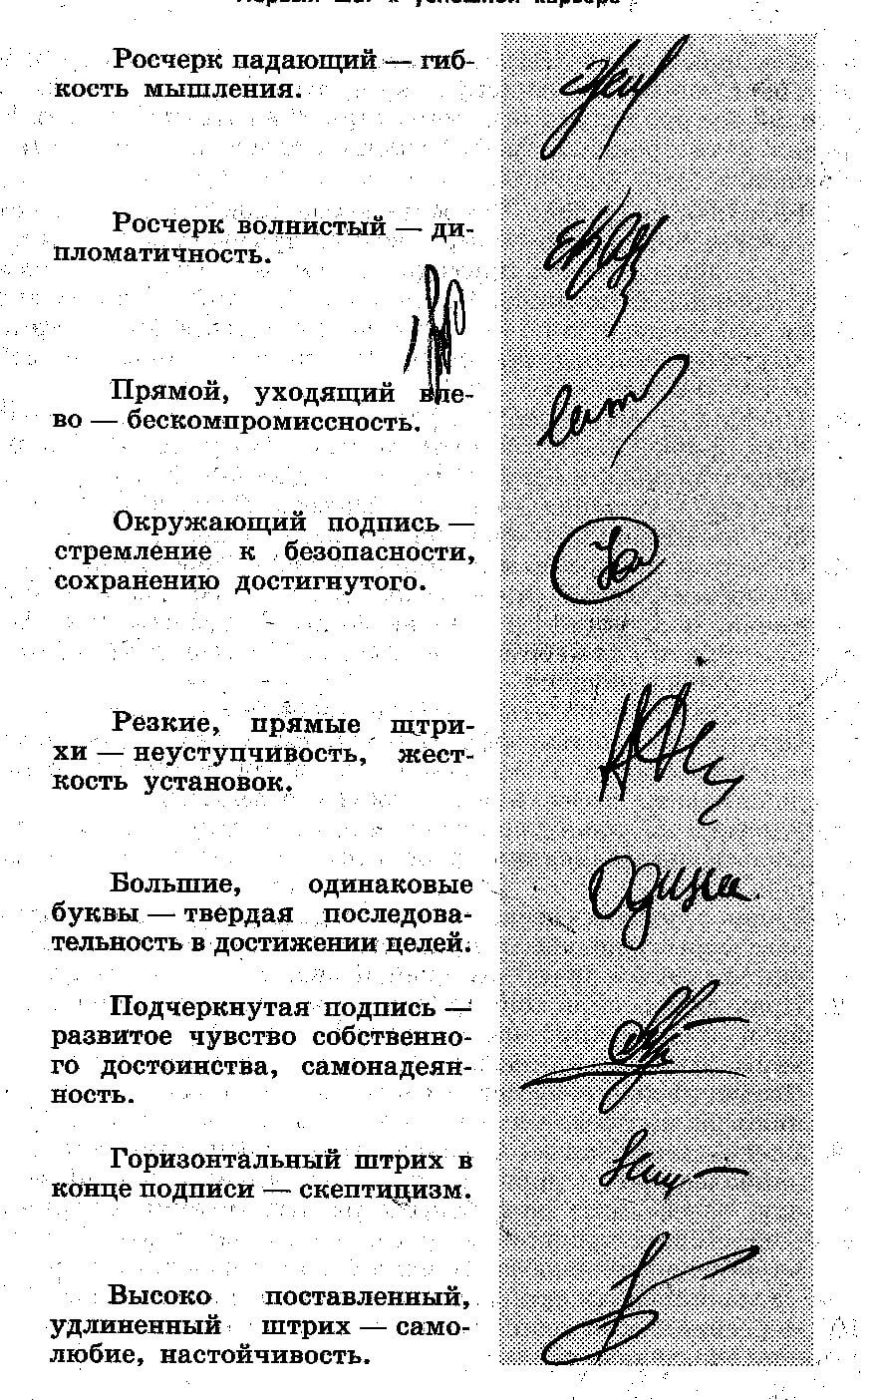 что говорит почерк о человеке